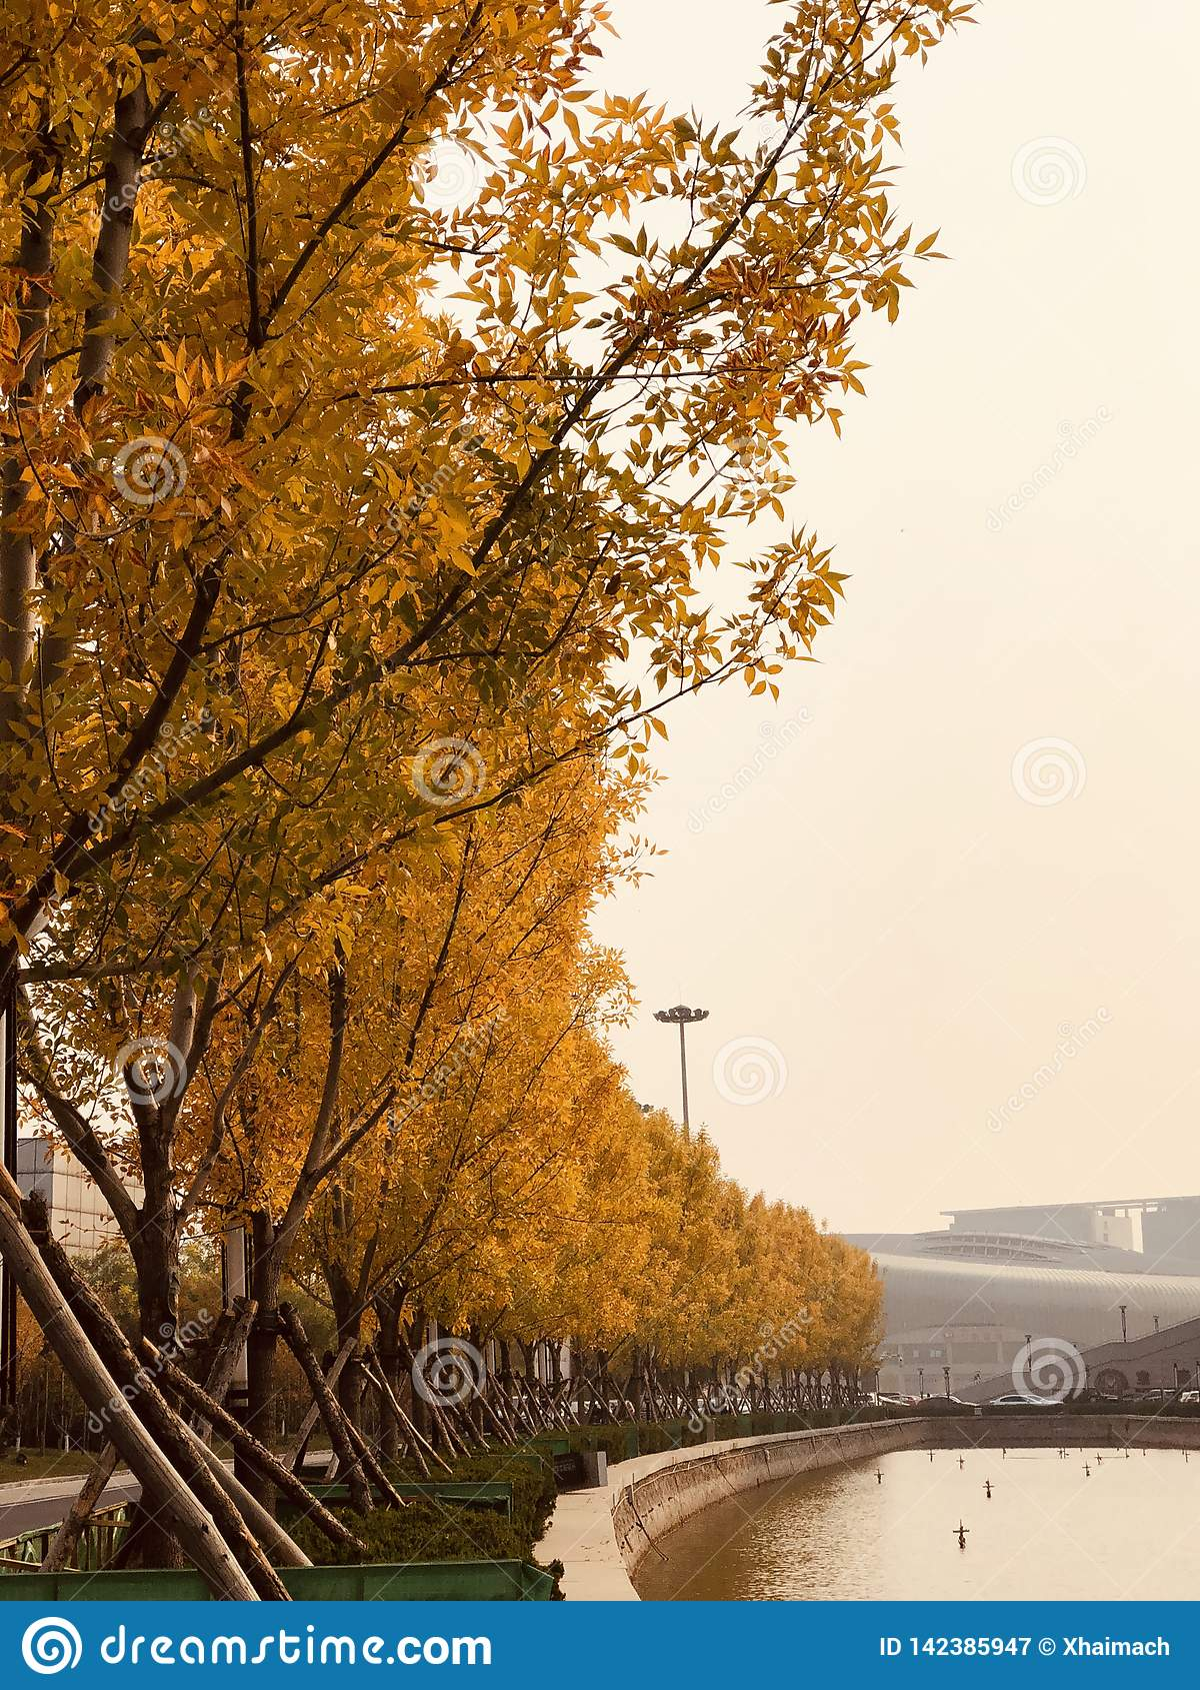 Golden Tree  Autumn in park